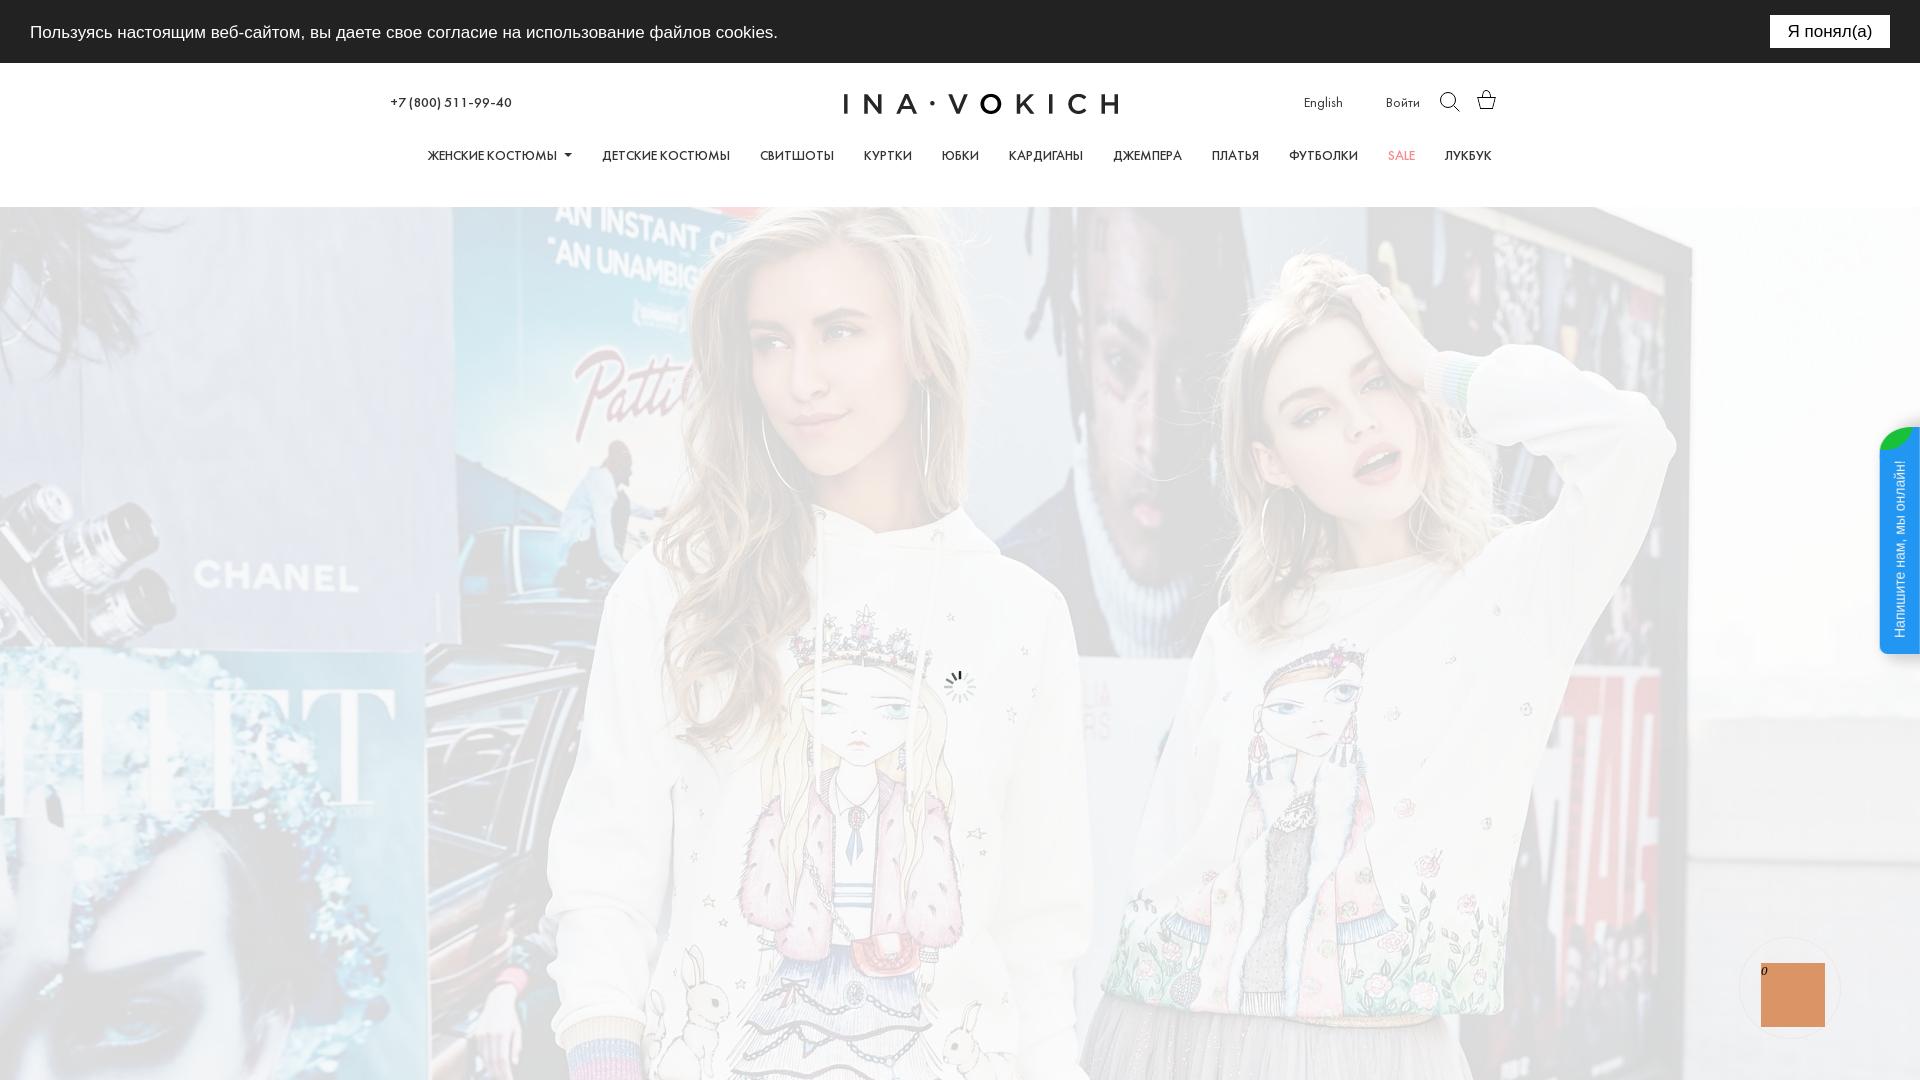 inavokich website